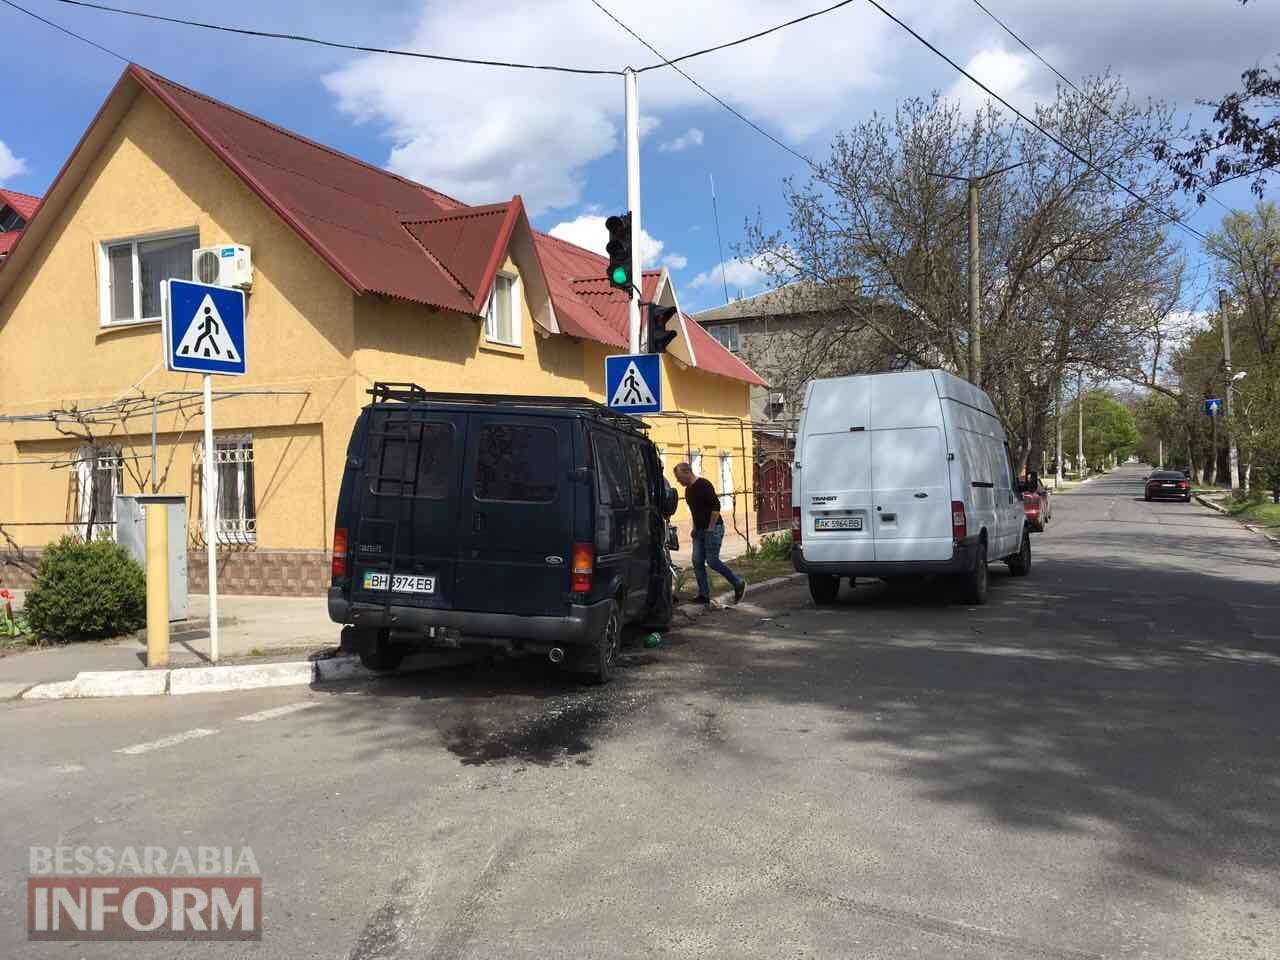 DTP-na-Belgorod-Dnestrovskoy Измаил: на улице Белгород-Днестровской очередное ДТП, есть пострадавшая